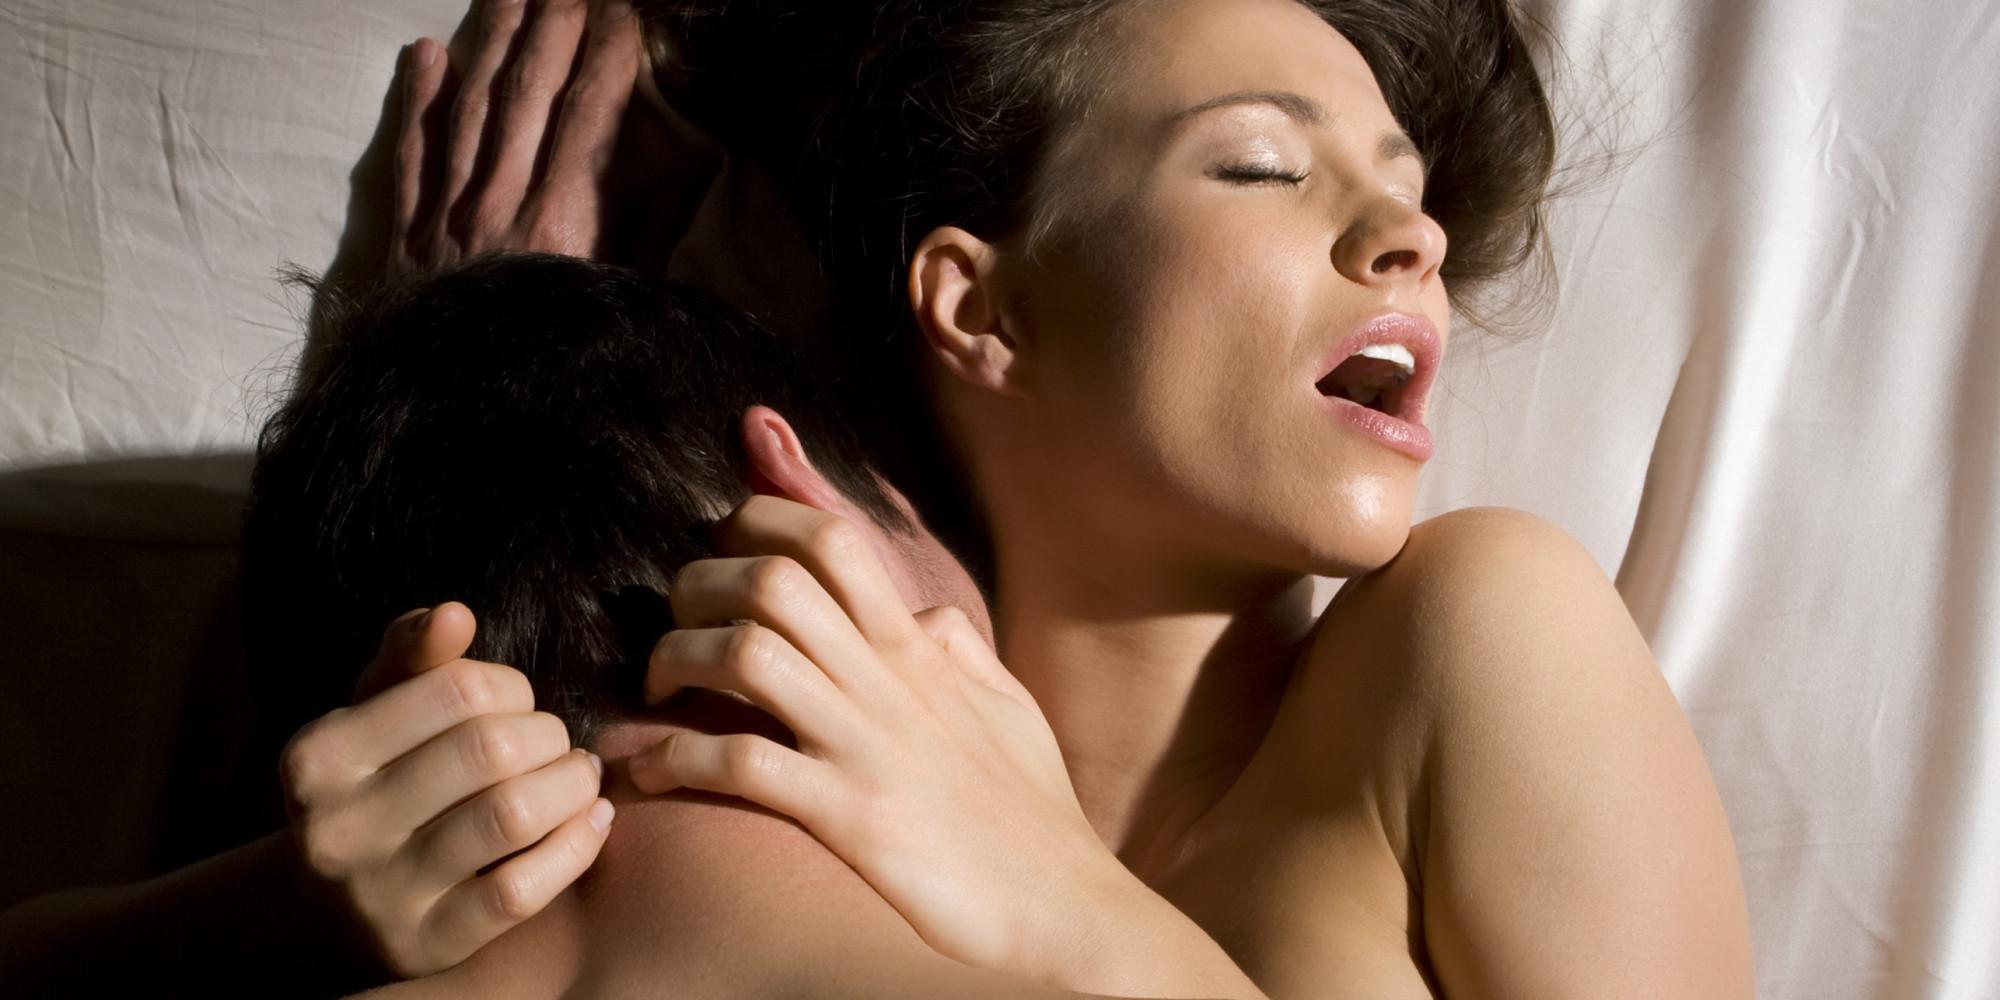 vliyanie-seksa-na-cheloveka